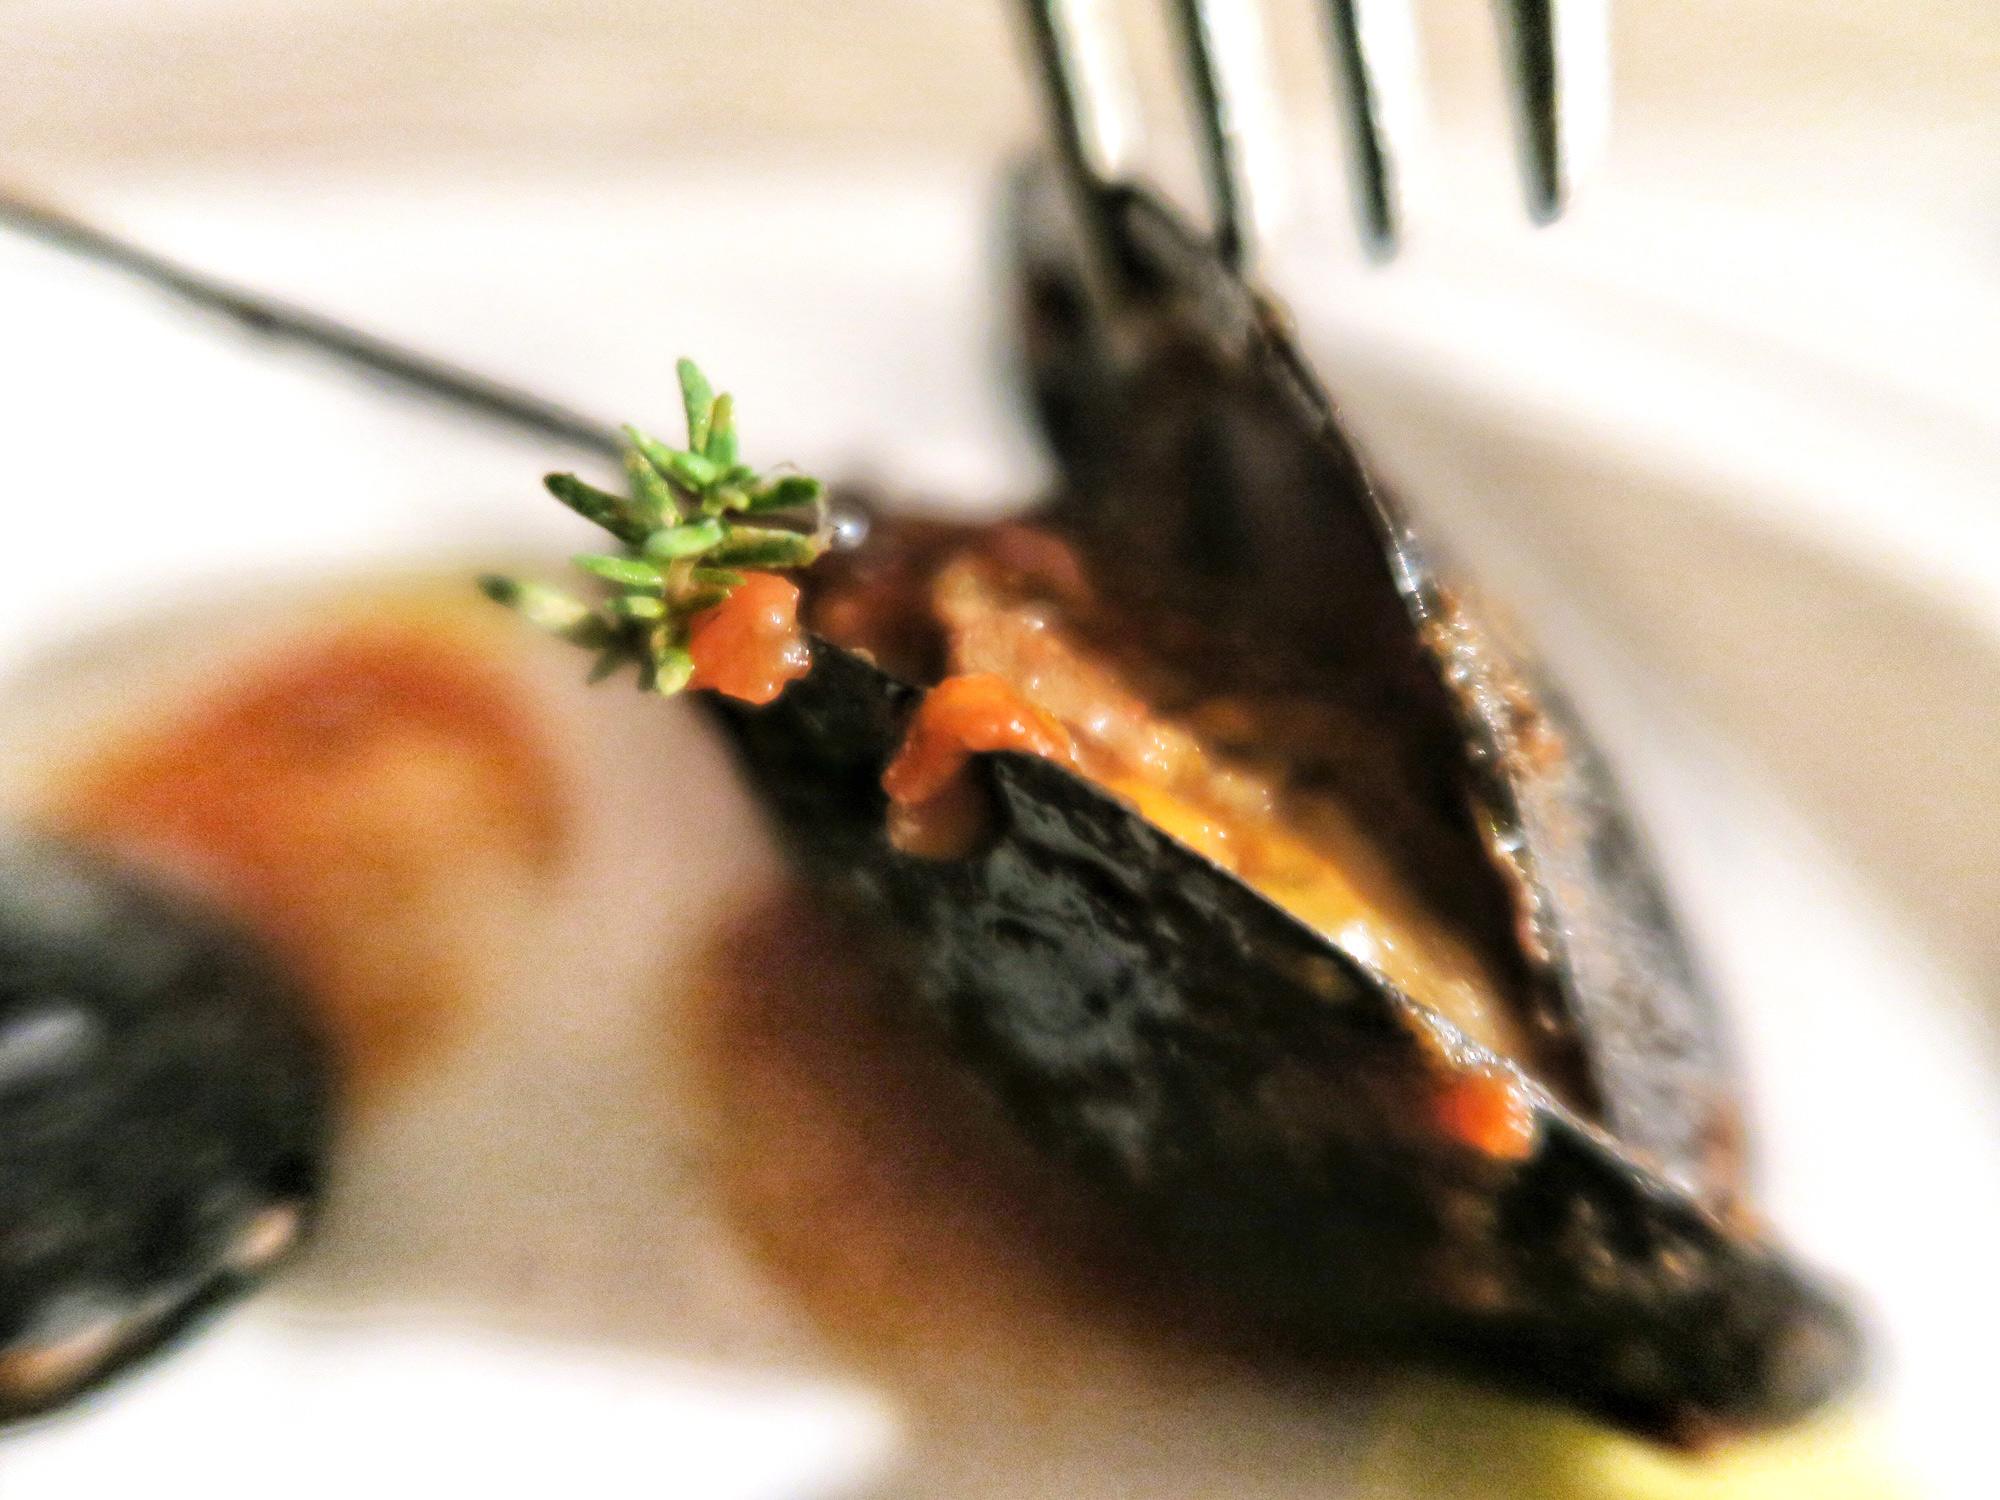 Muscoli ripieni alla spezzina dello chef Giacomo Devoto, Officine del Cibo | ©foto Sandra Longinotti